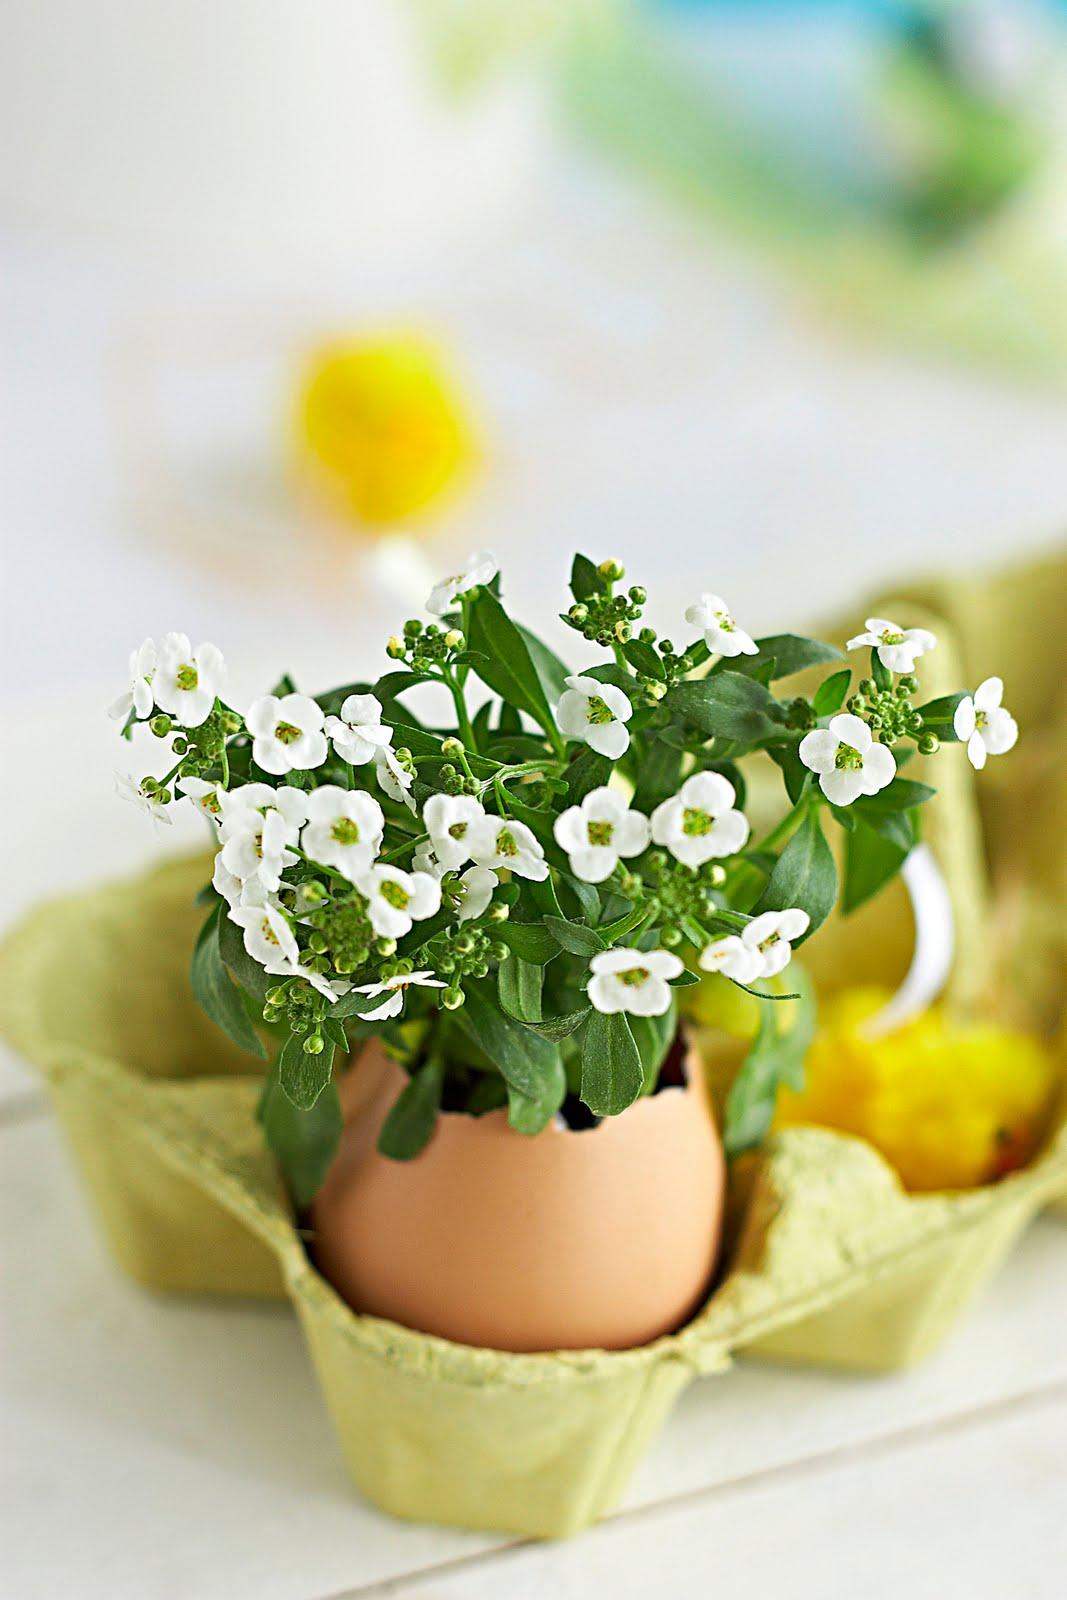 za kraj svima želim Sretan Uskrs!!!